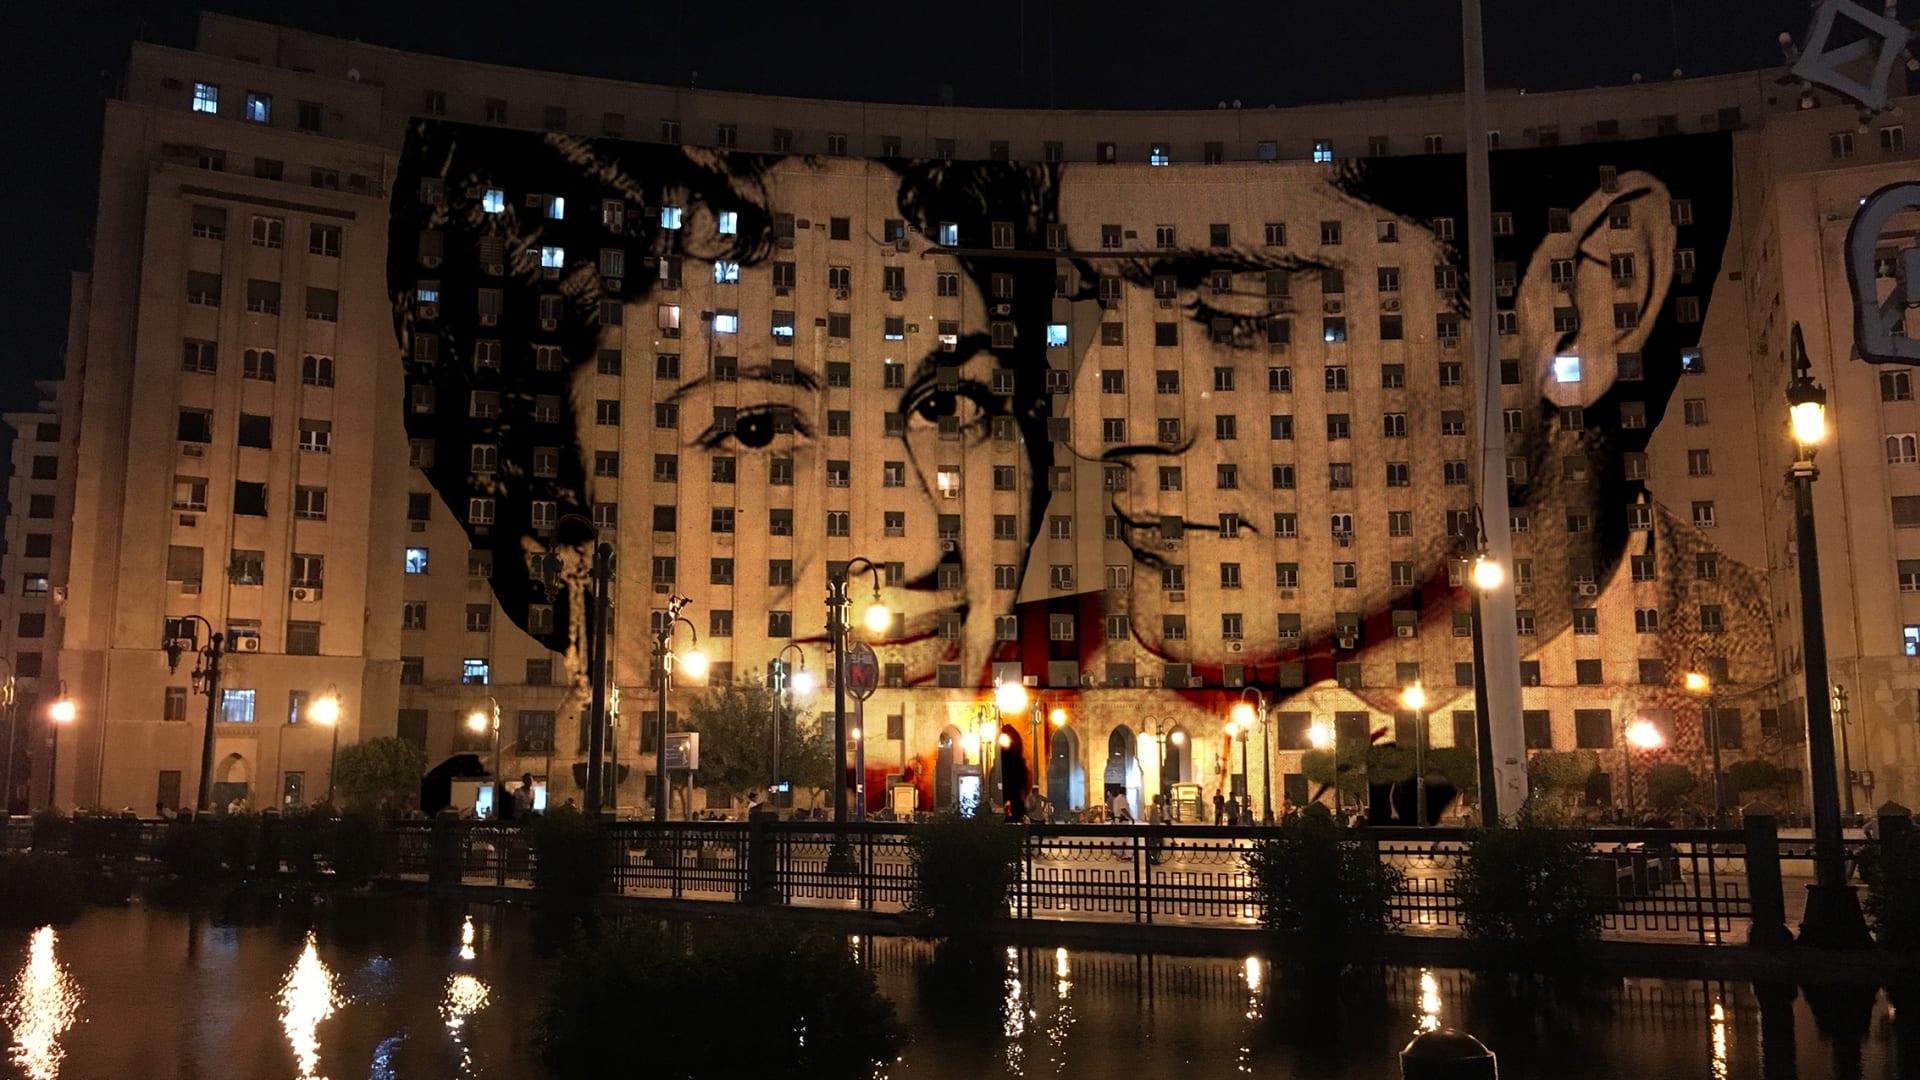 بعد عملية ترميم بتكلفة 6 مليون دولار.. مصر تستعد لافتتاح قصر البارون إمبان